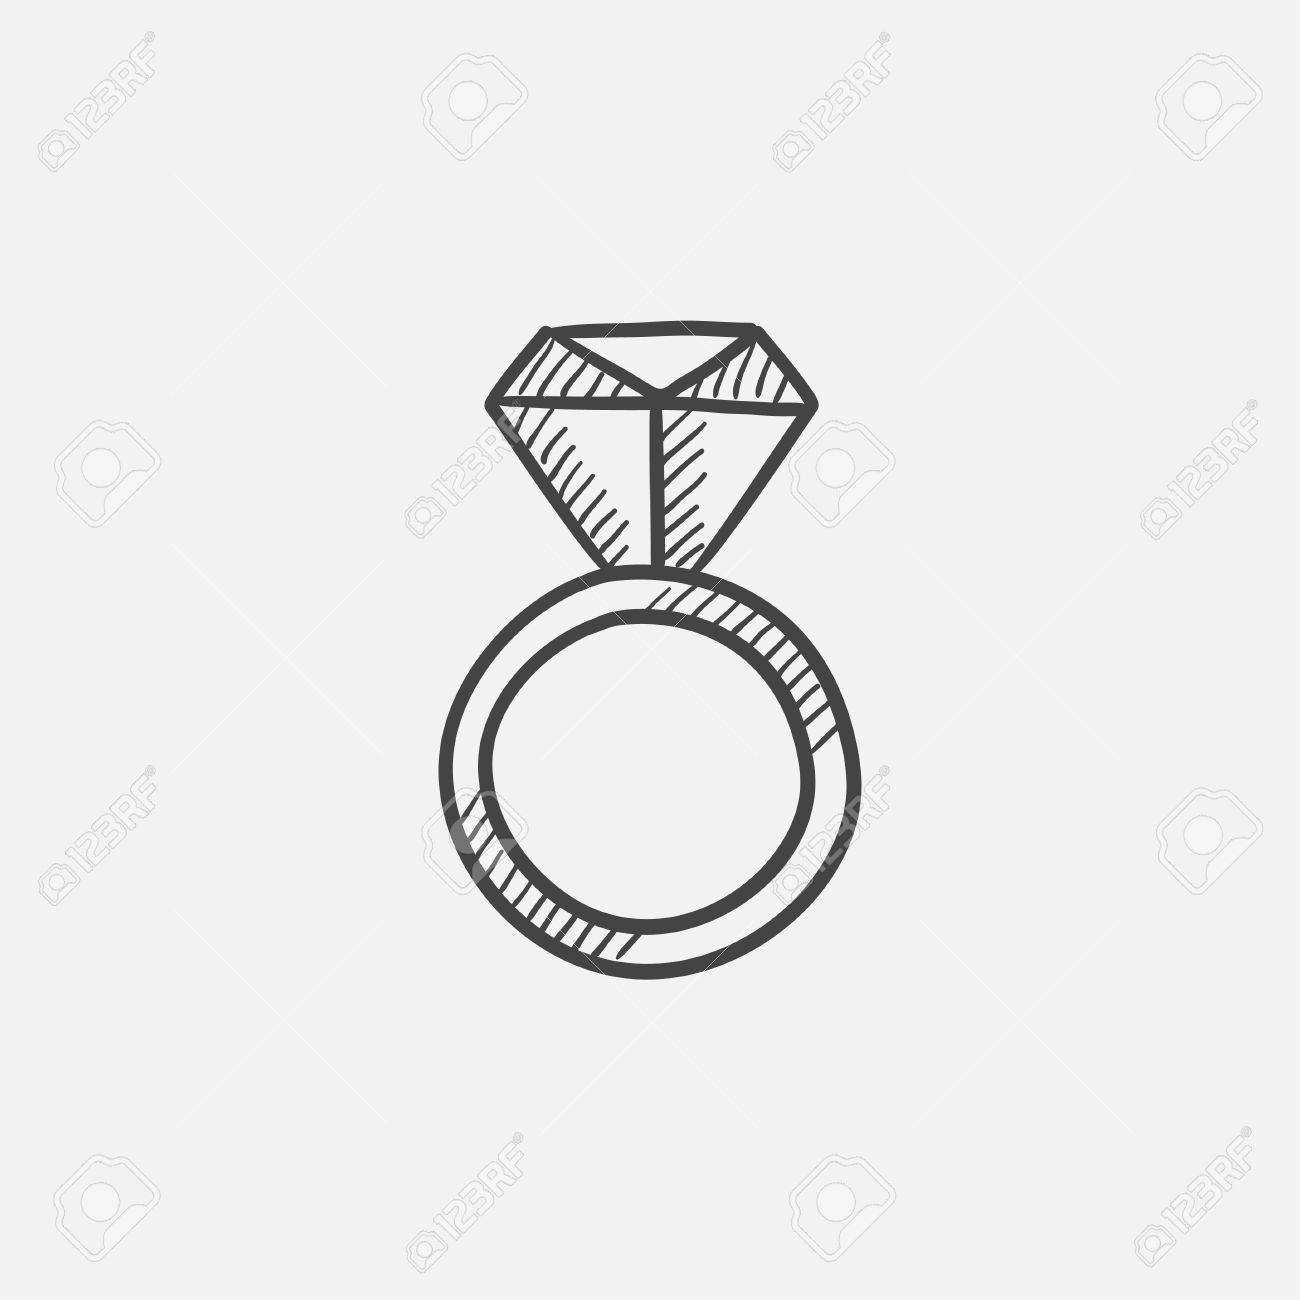 Anillo De Compromiso Con Diamante Dibujo Icono Para Web Móvil Y La